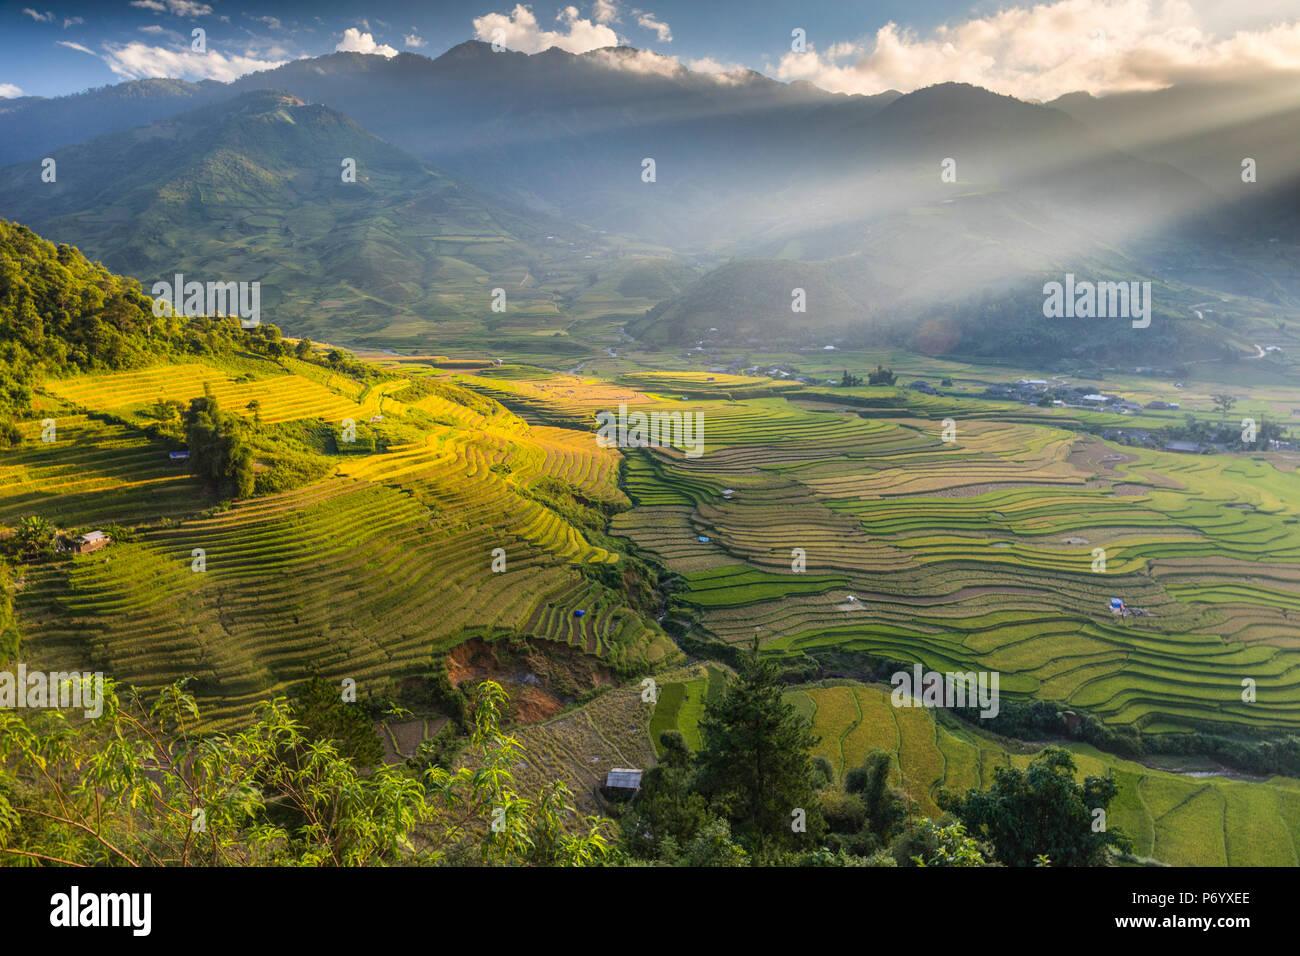 Rayons de soleil sur les montagnes entourant les rizières en terrasses à Tu Le, Province de Yen Bai, Vietnam, Asie du Sud-Est Photo Stock